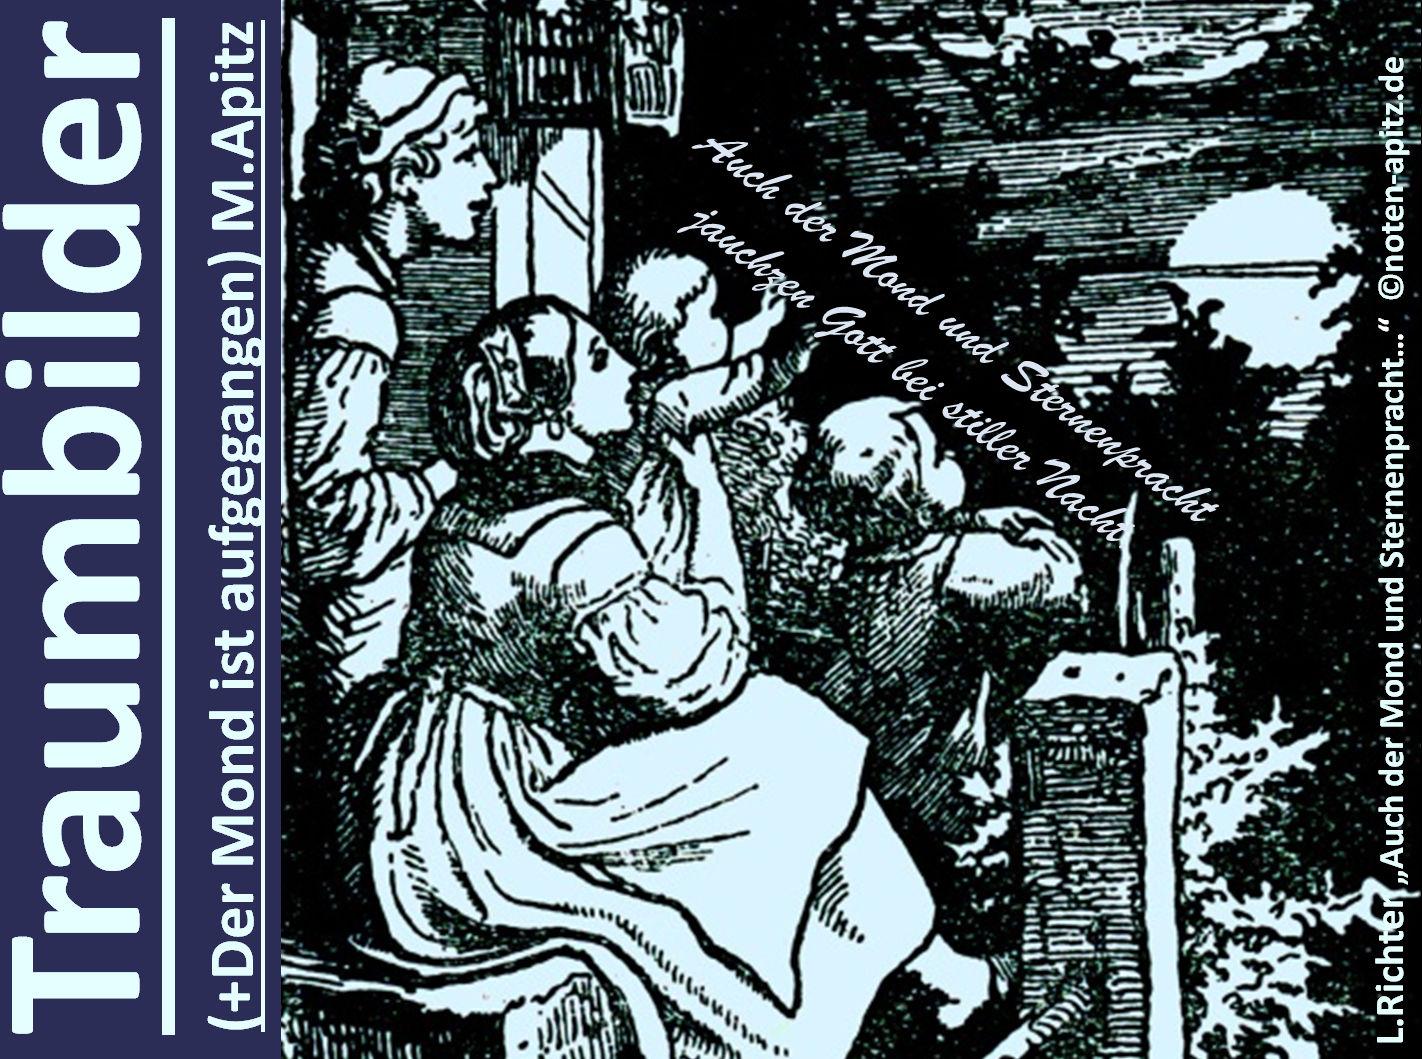 """Traumbilder (+Der Mond ist aufgegangen), M. Apitz (Manfred Apitz); Spruch: Auch der Mond und Sternenpracht jauchzen Gott bei stiller Nacht.; L. Richter """"Auch der Mond und Sternenpracht…"""" Sparte: 20.+21. Jh. Konzert"""